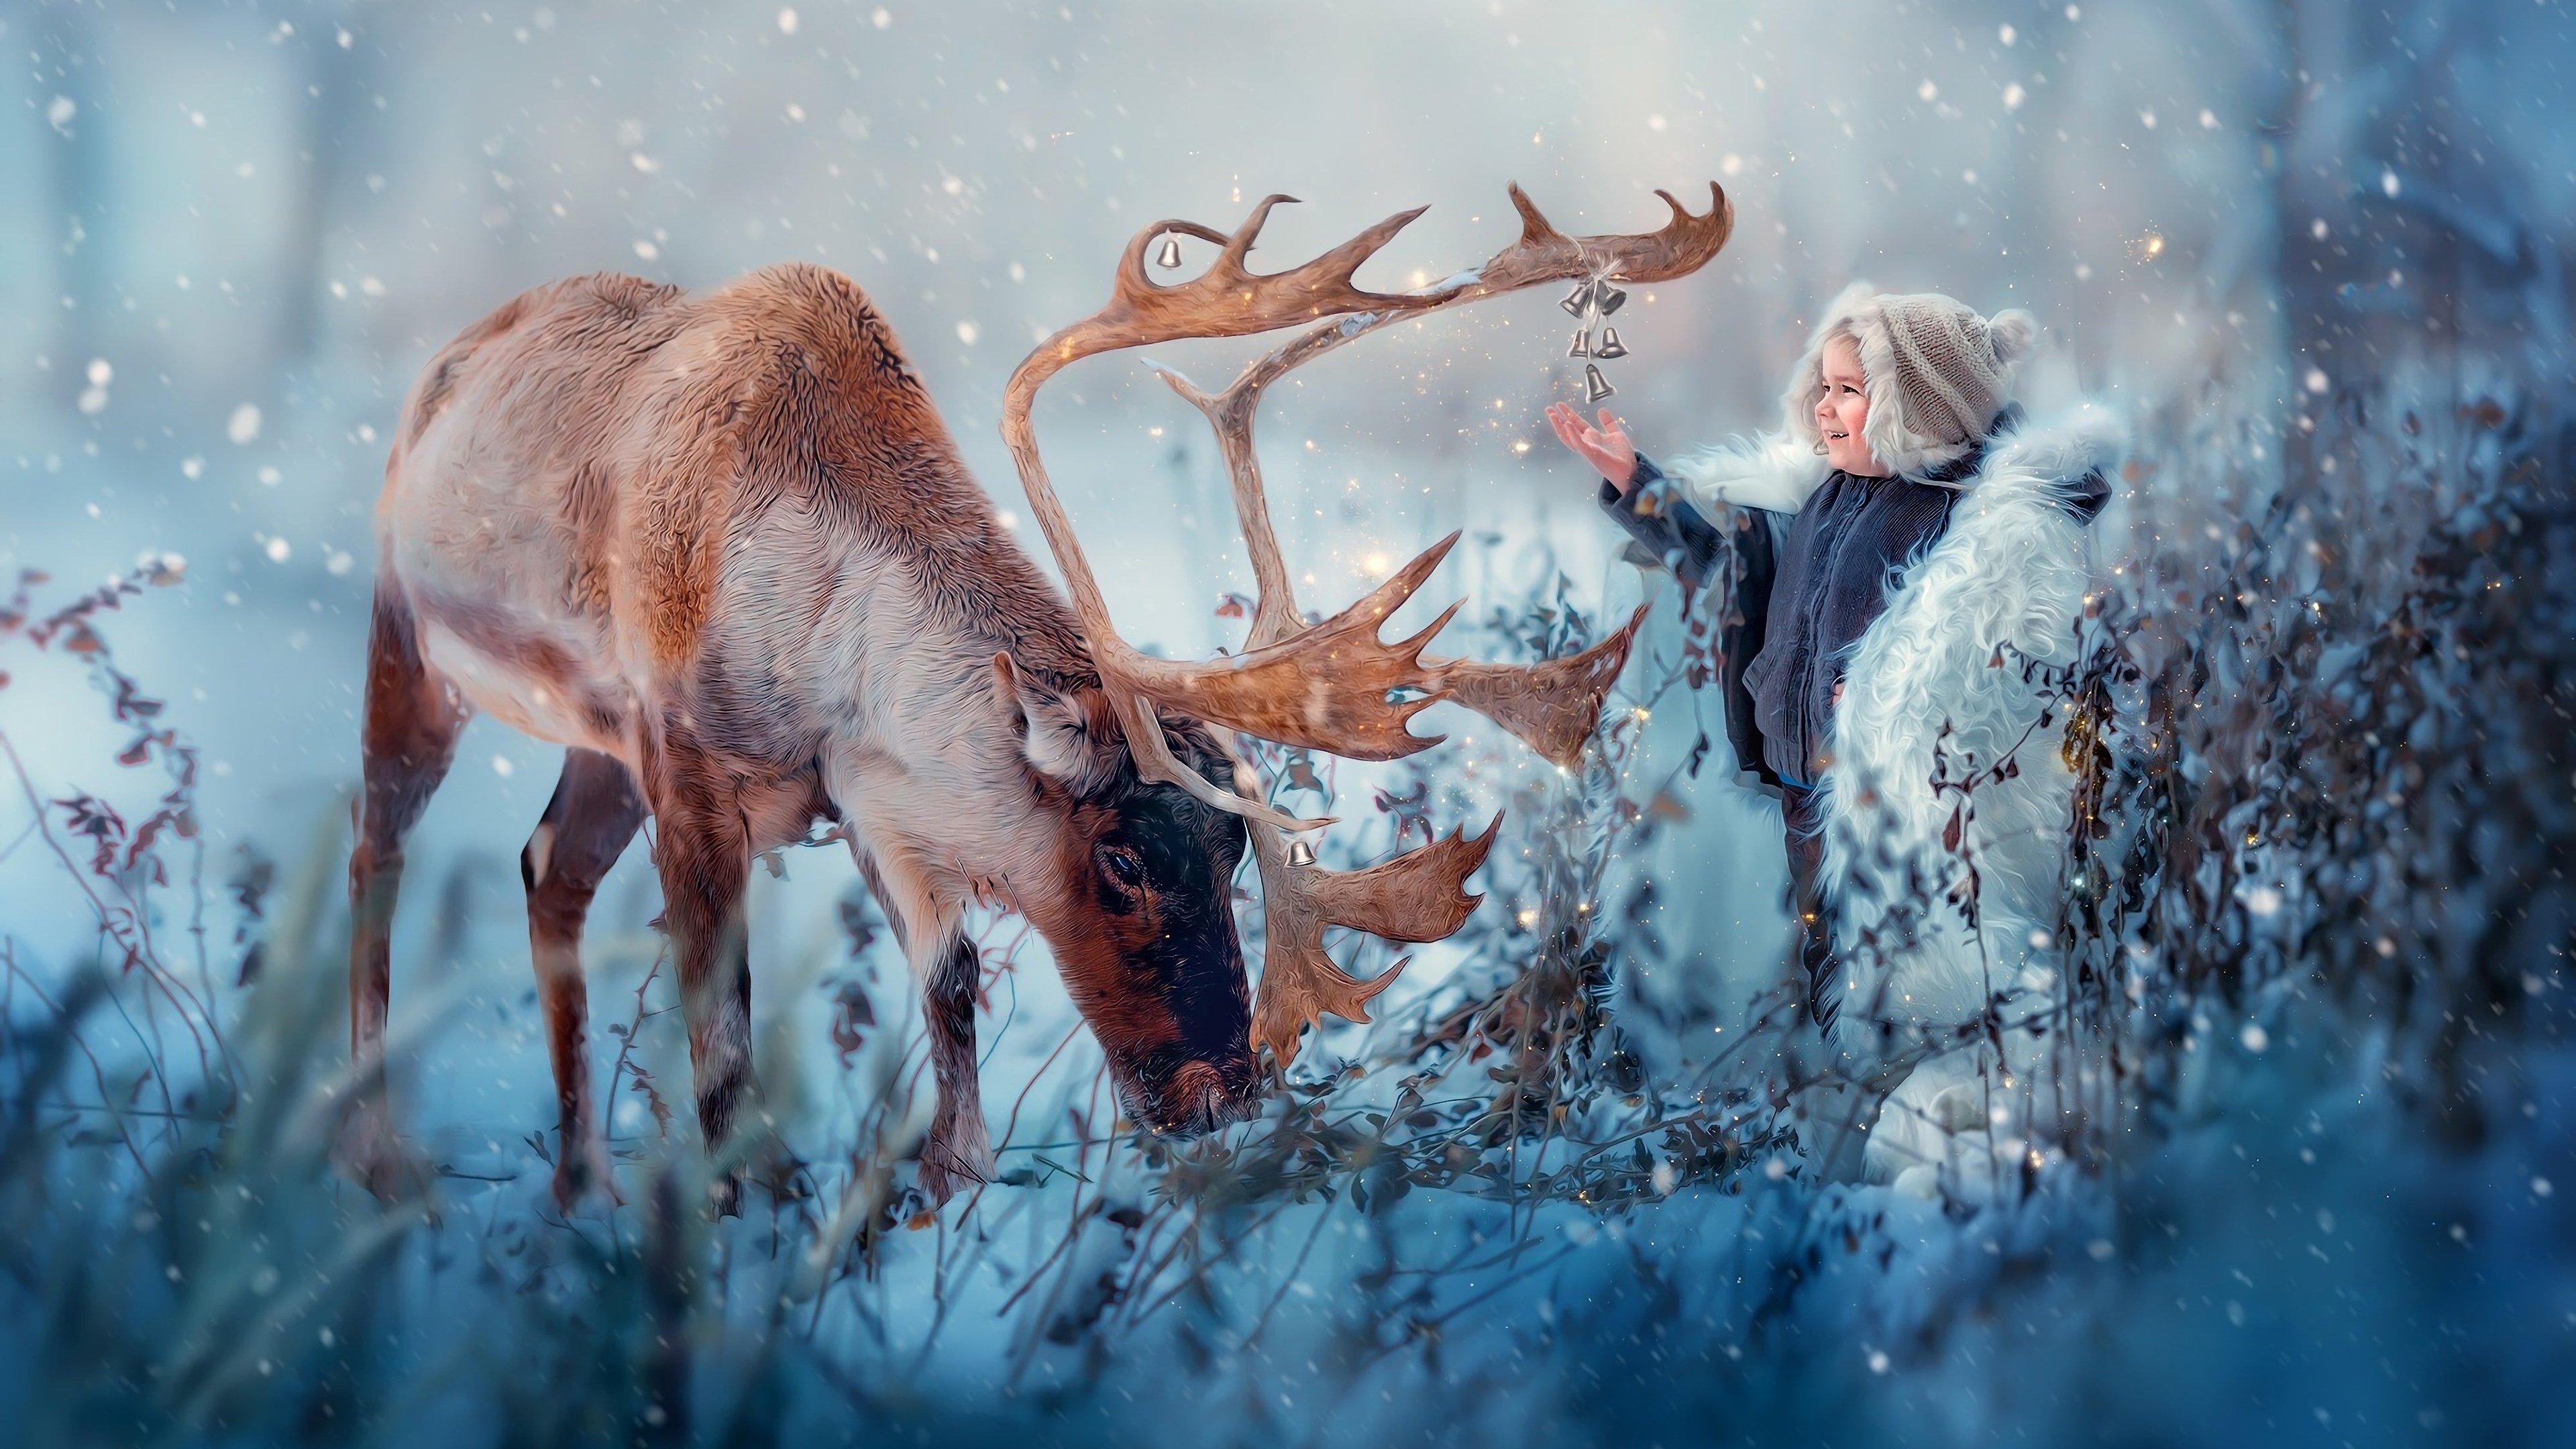 Fondos de pantalla Reno con un niño en la nieve